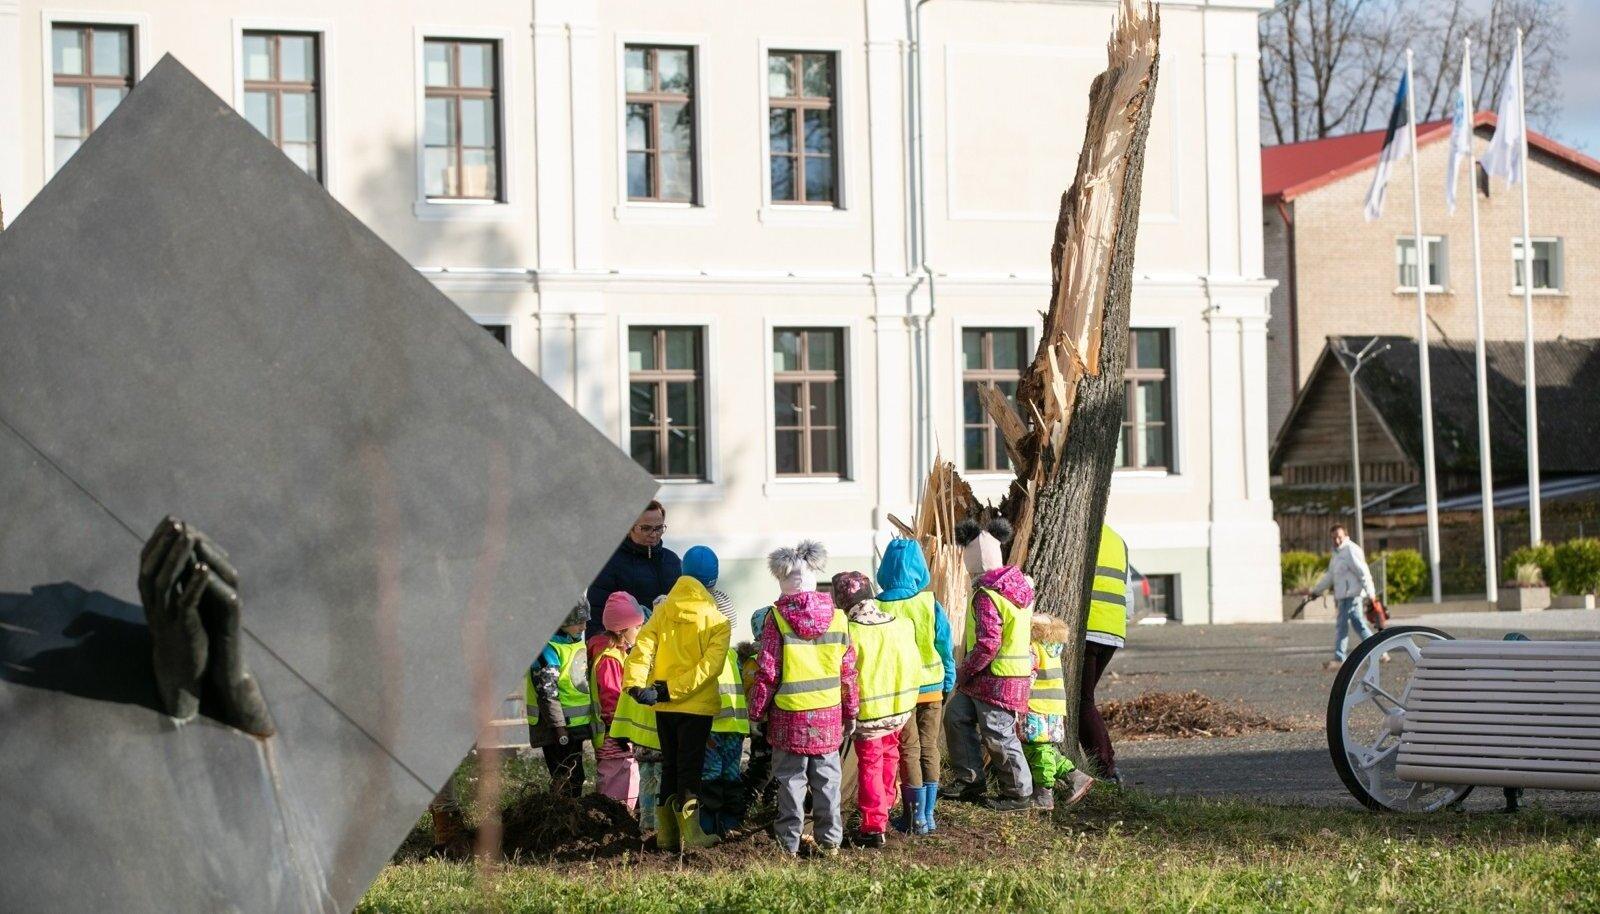 Oktoobritorm Lõuna-Eestis jättis elektrita 65 000 majapidamist, mobiil- ja andmeside kadus 20 minutiga, tanklatest ei saanud kütust kätte, Võru linn jäi veeta ning ka kanalisatsioon ei töötanud, koolid ja lasteaiad jäid päevadeks suletuks. Tormis murdunud puude tõttu oli lisaks elektrile häiritud ka auto- ja rongiliiklus, purunesid mitmed hooned.